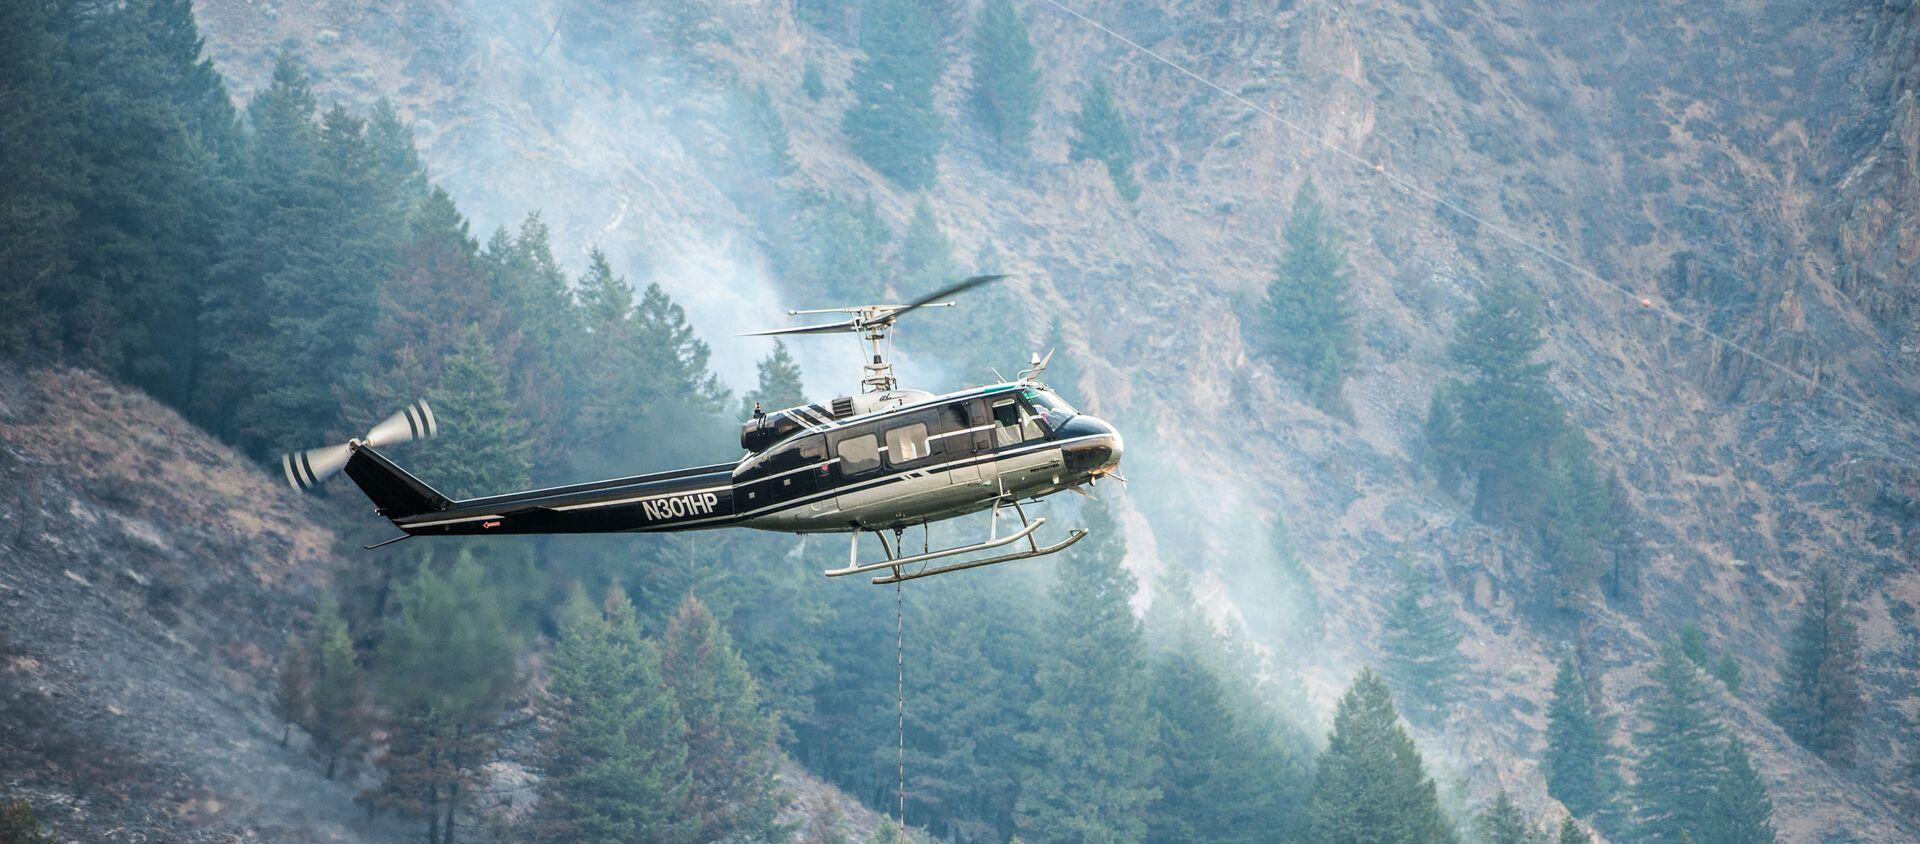 Bell UH-1H helicopter - Sputnik International, 1920, 03.06.2021